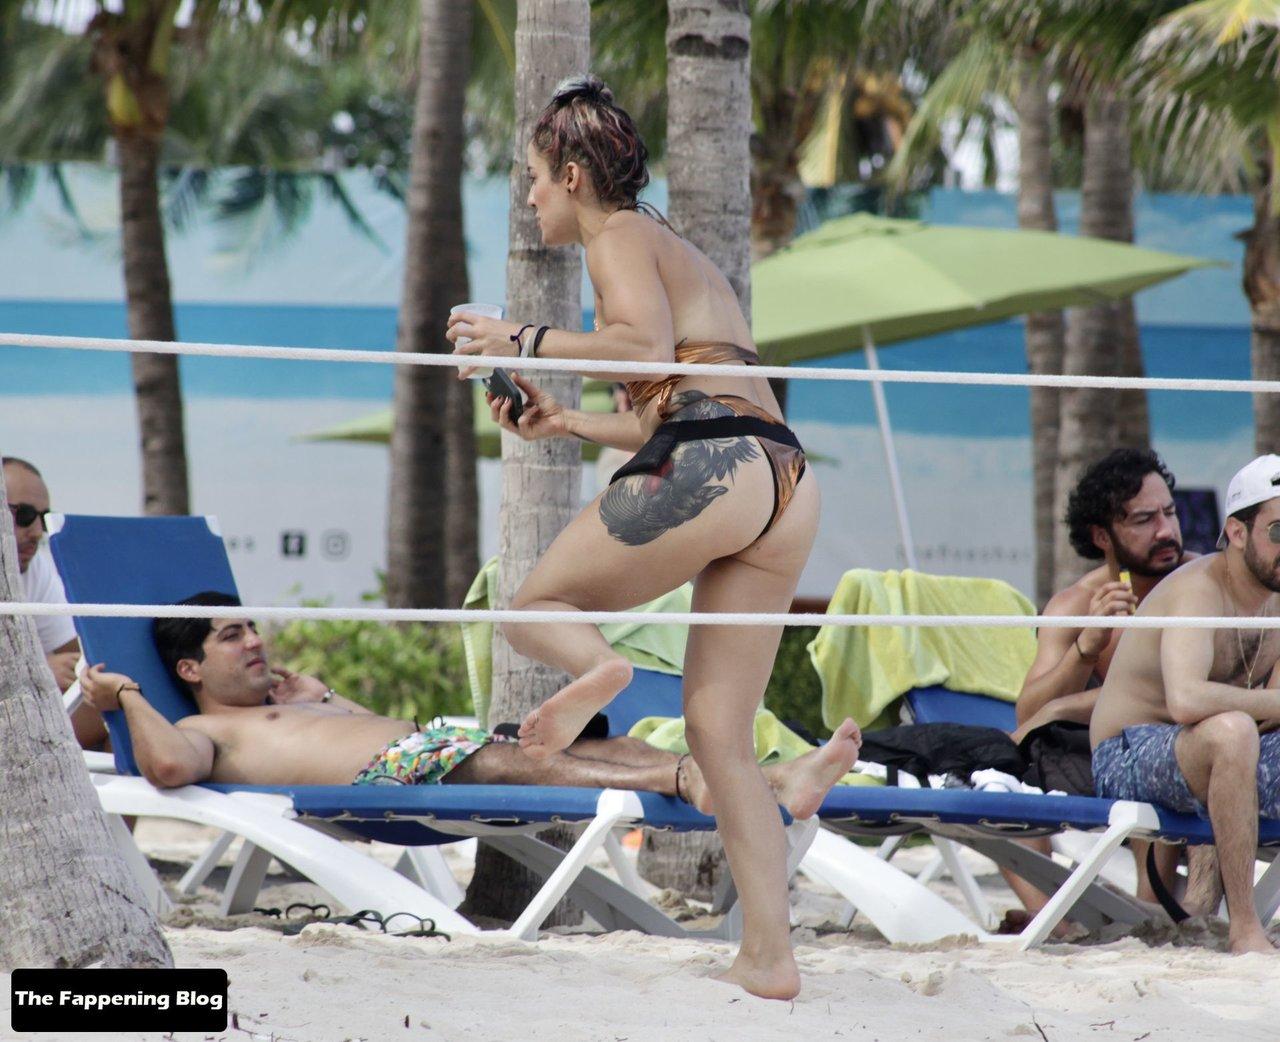 Cara Maria Sorbello on Beach 22